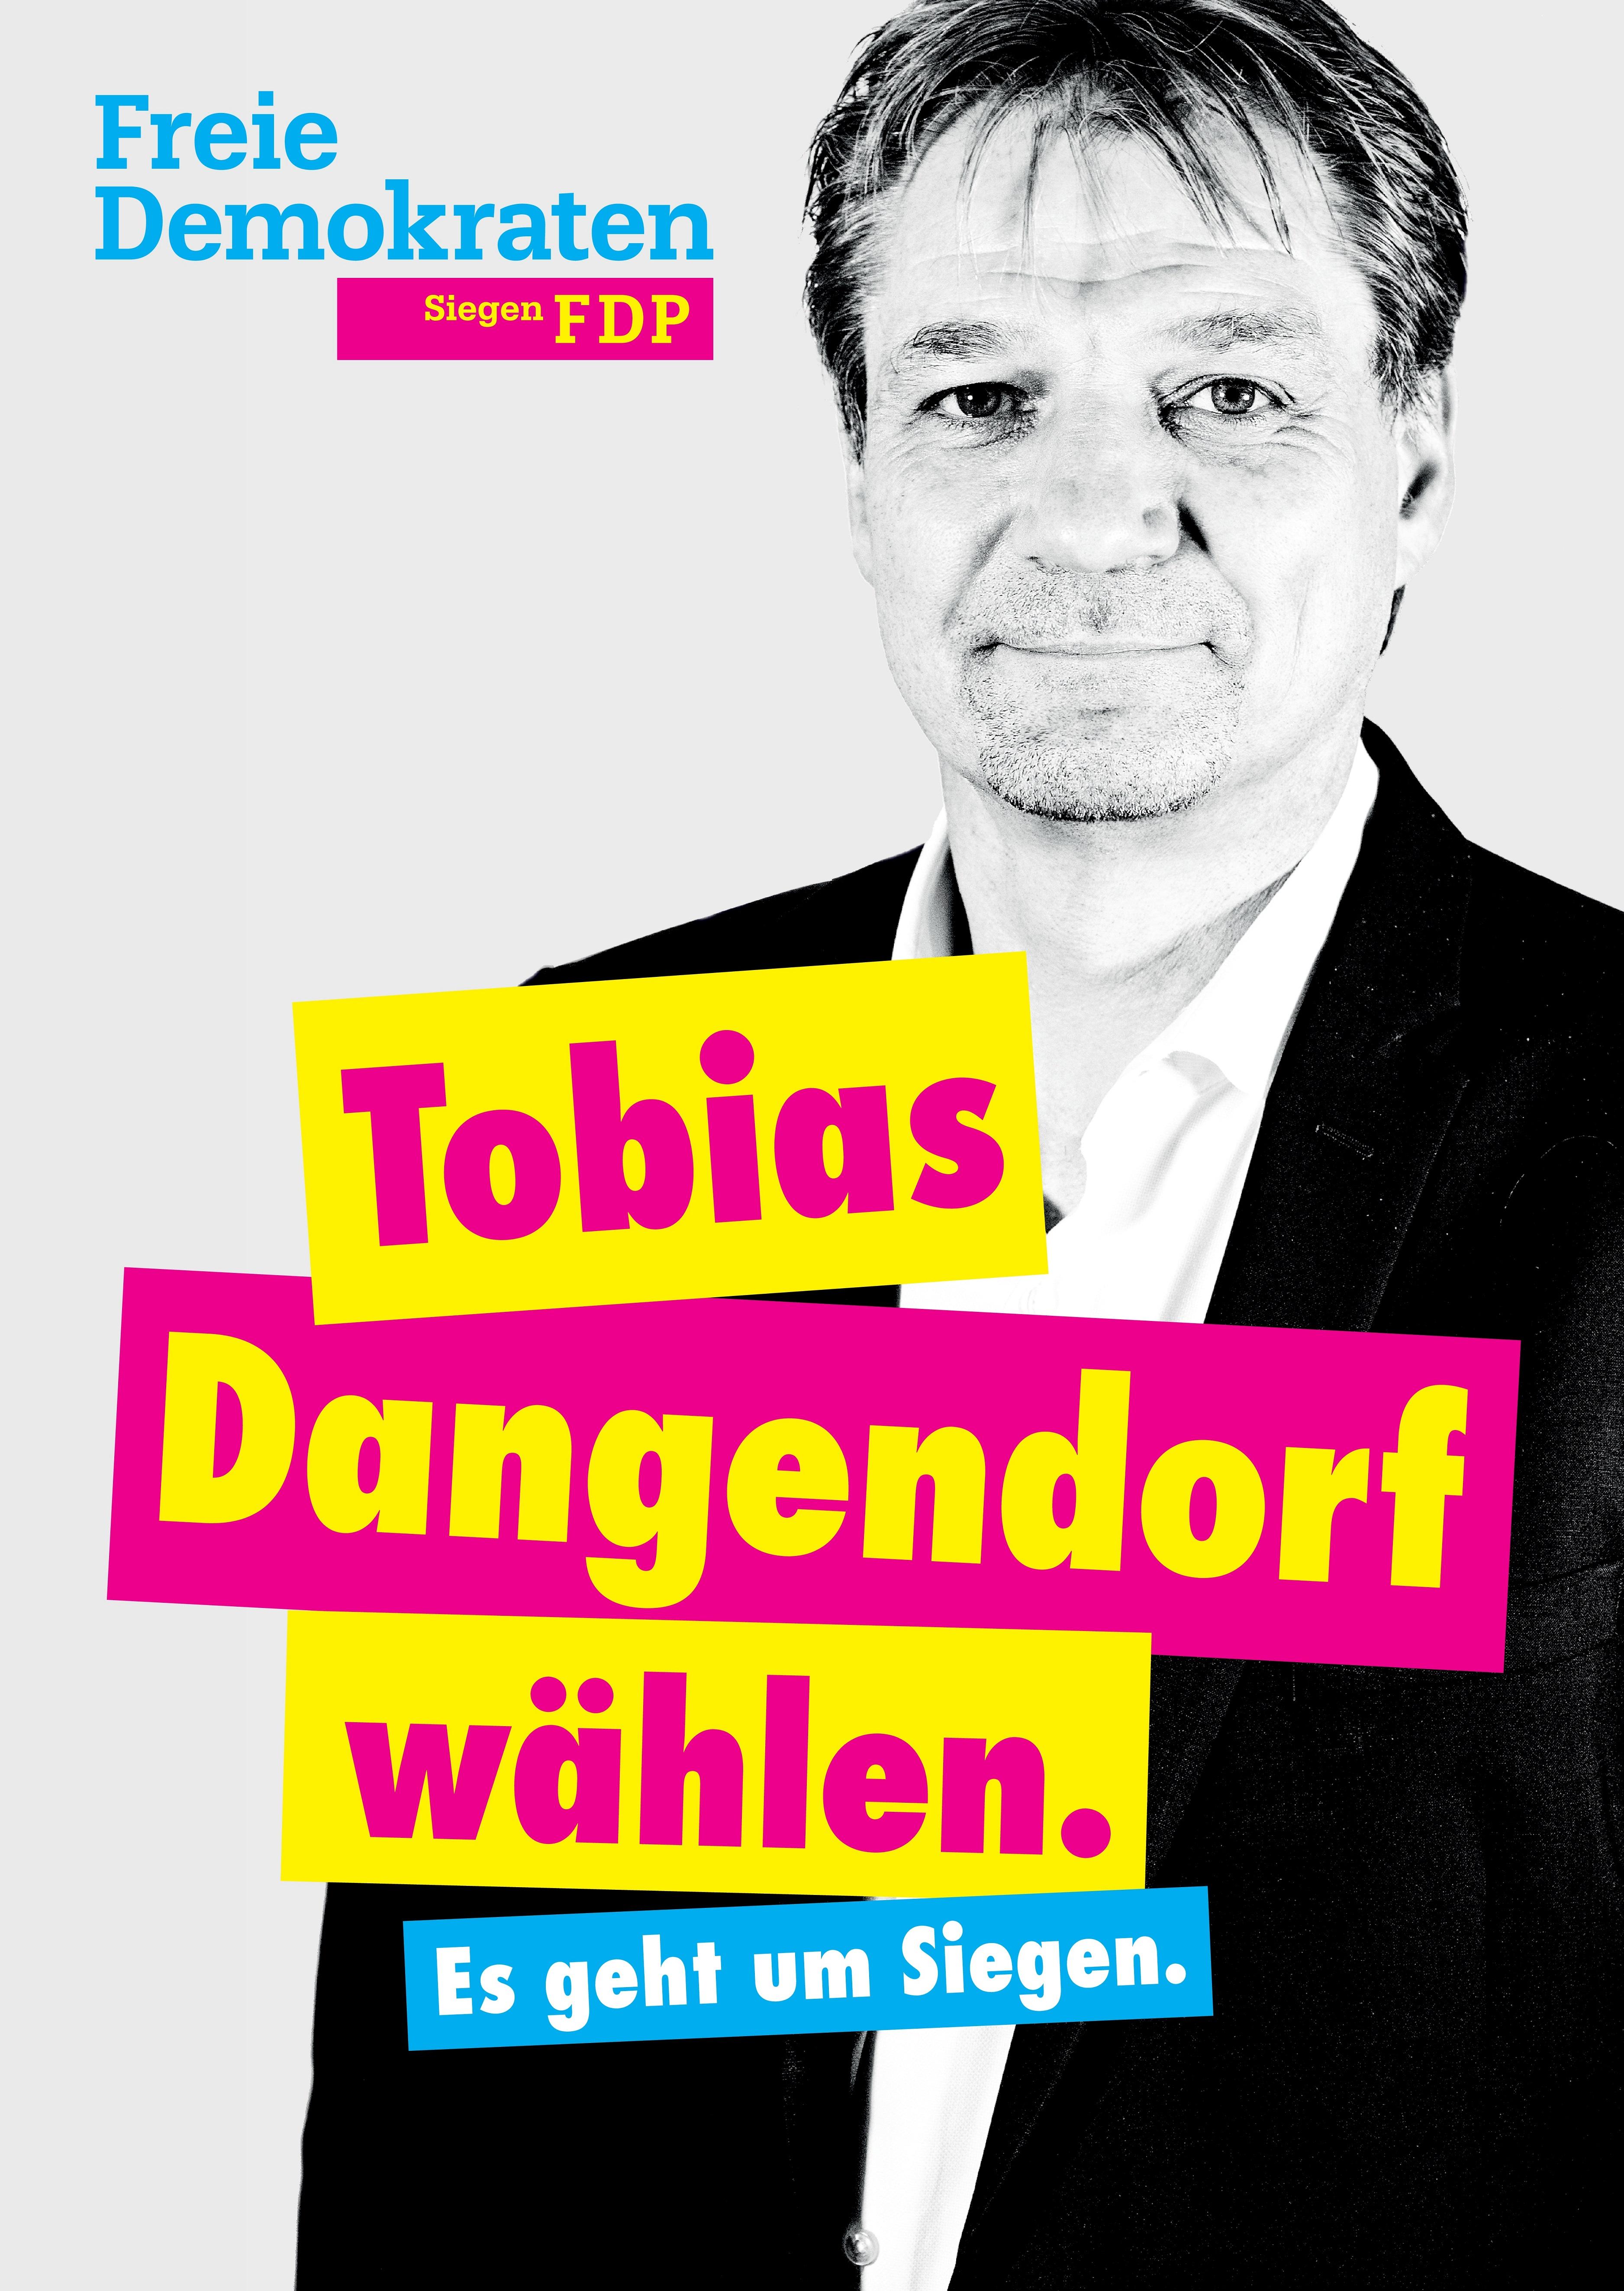 Tobias Dangendorf